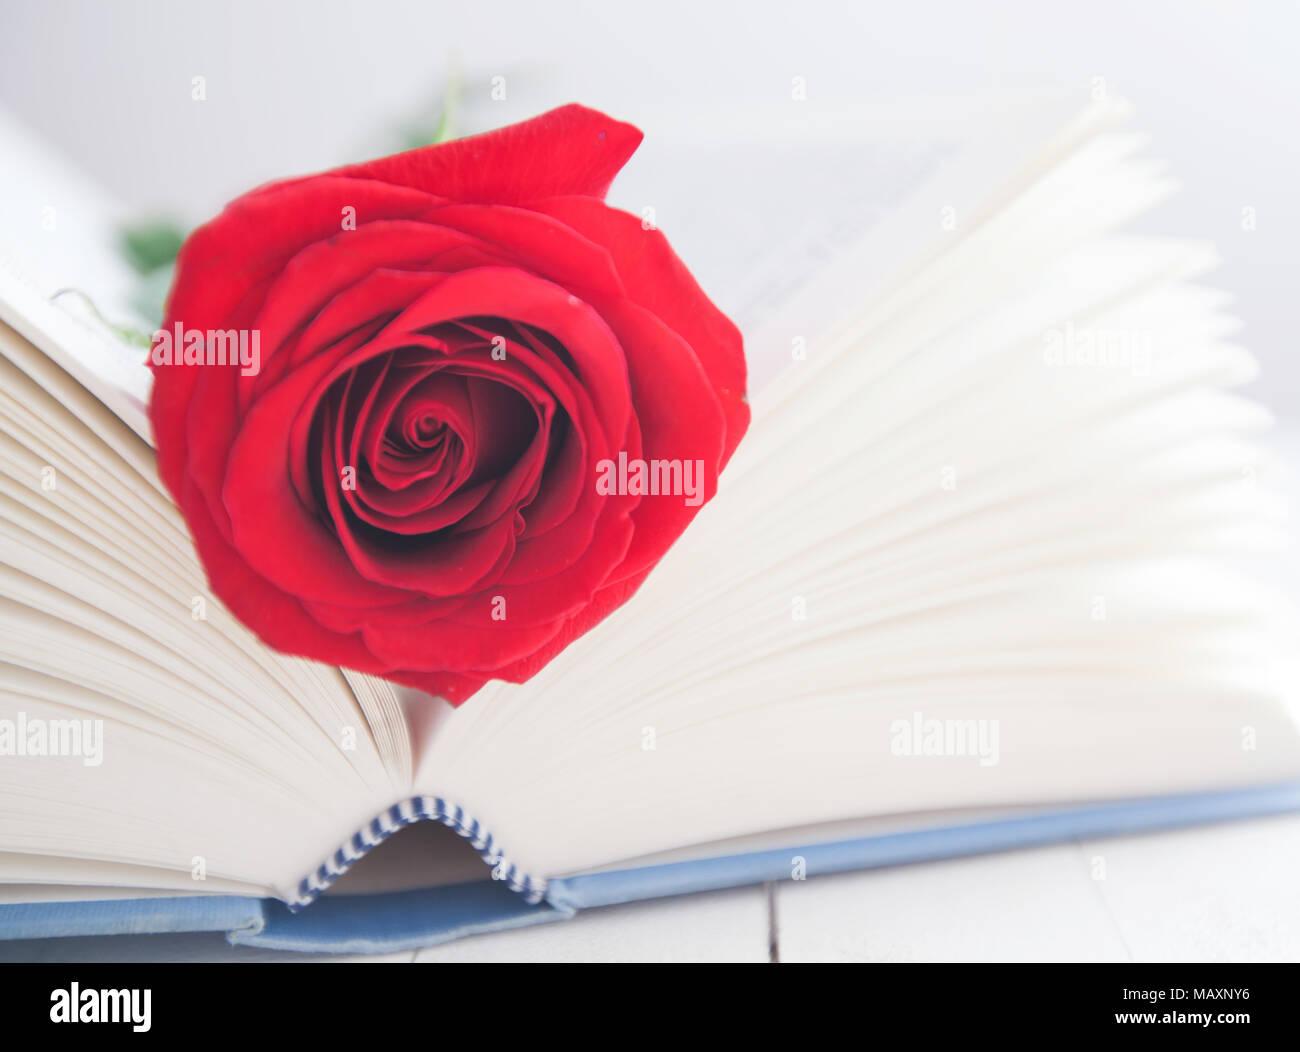 Fleur Rose Rouge Sur Livre Ouvert Sur Fond De Bois Blanc Romantique